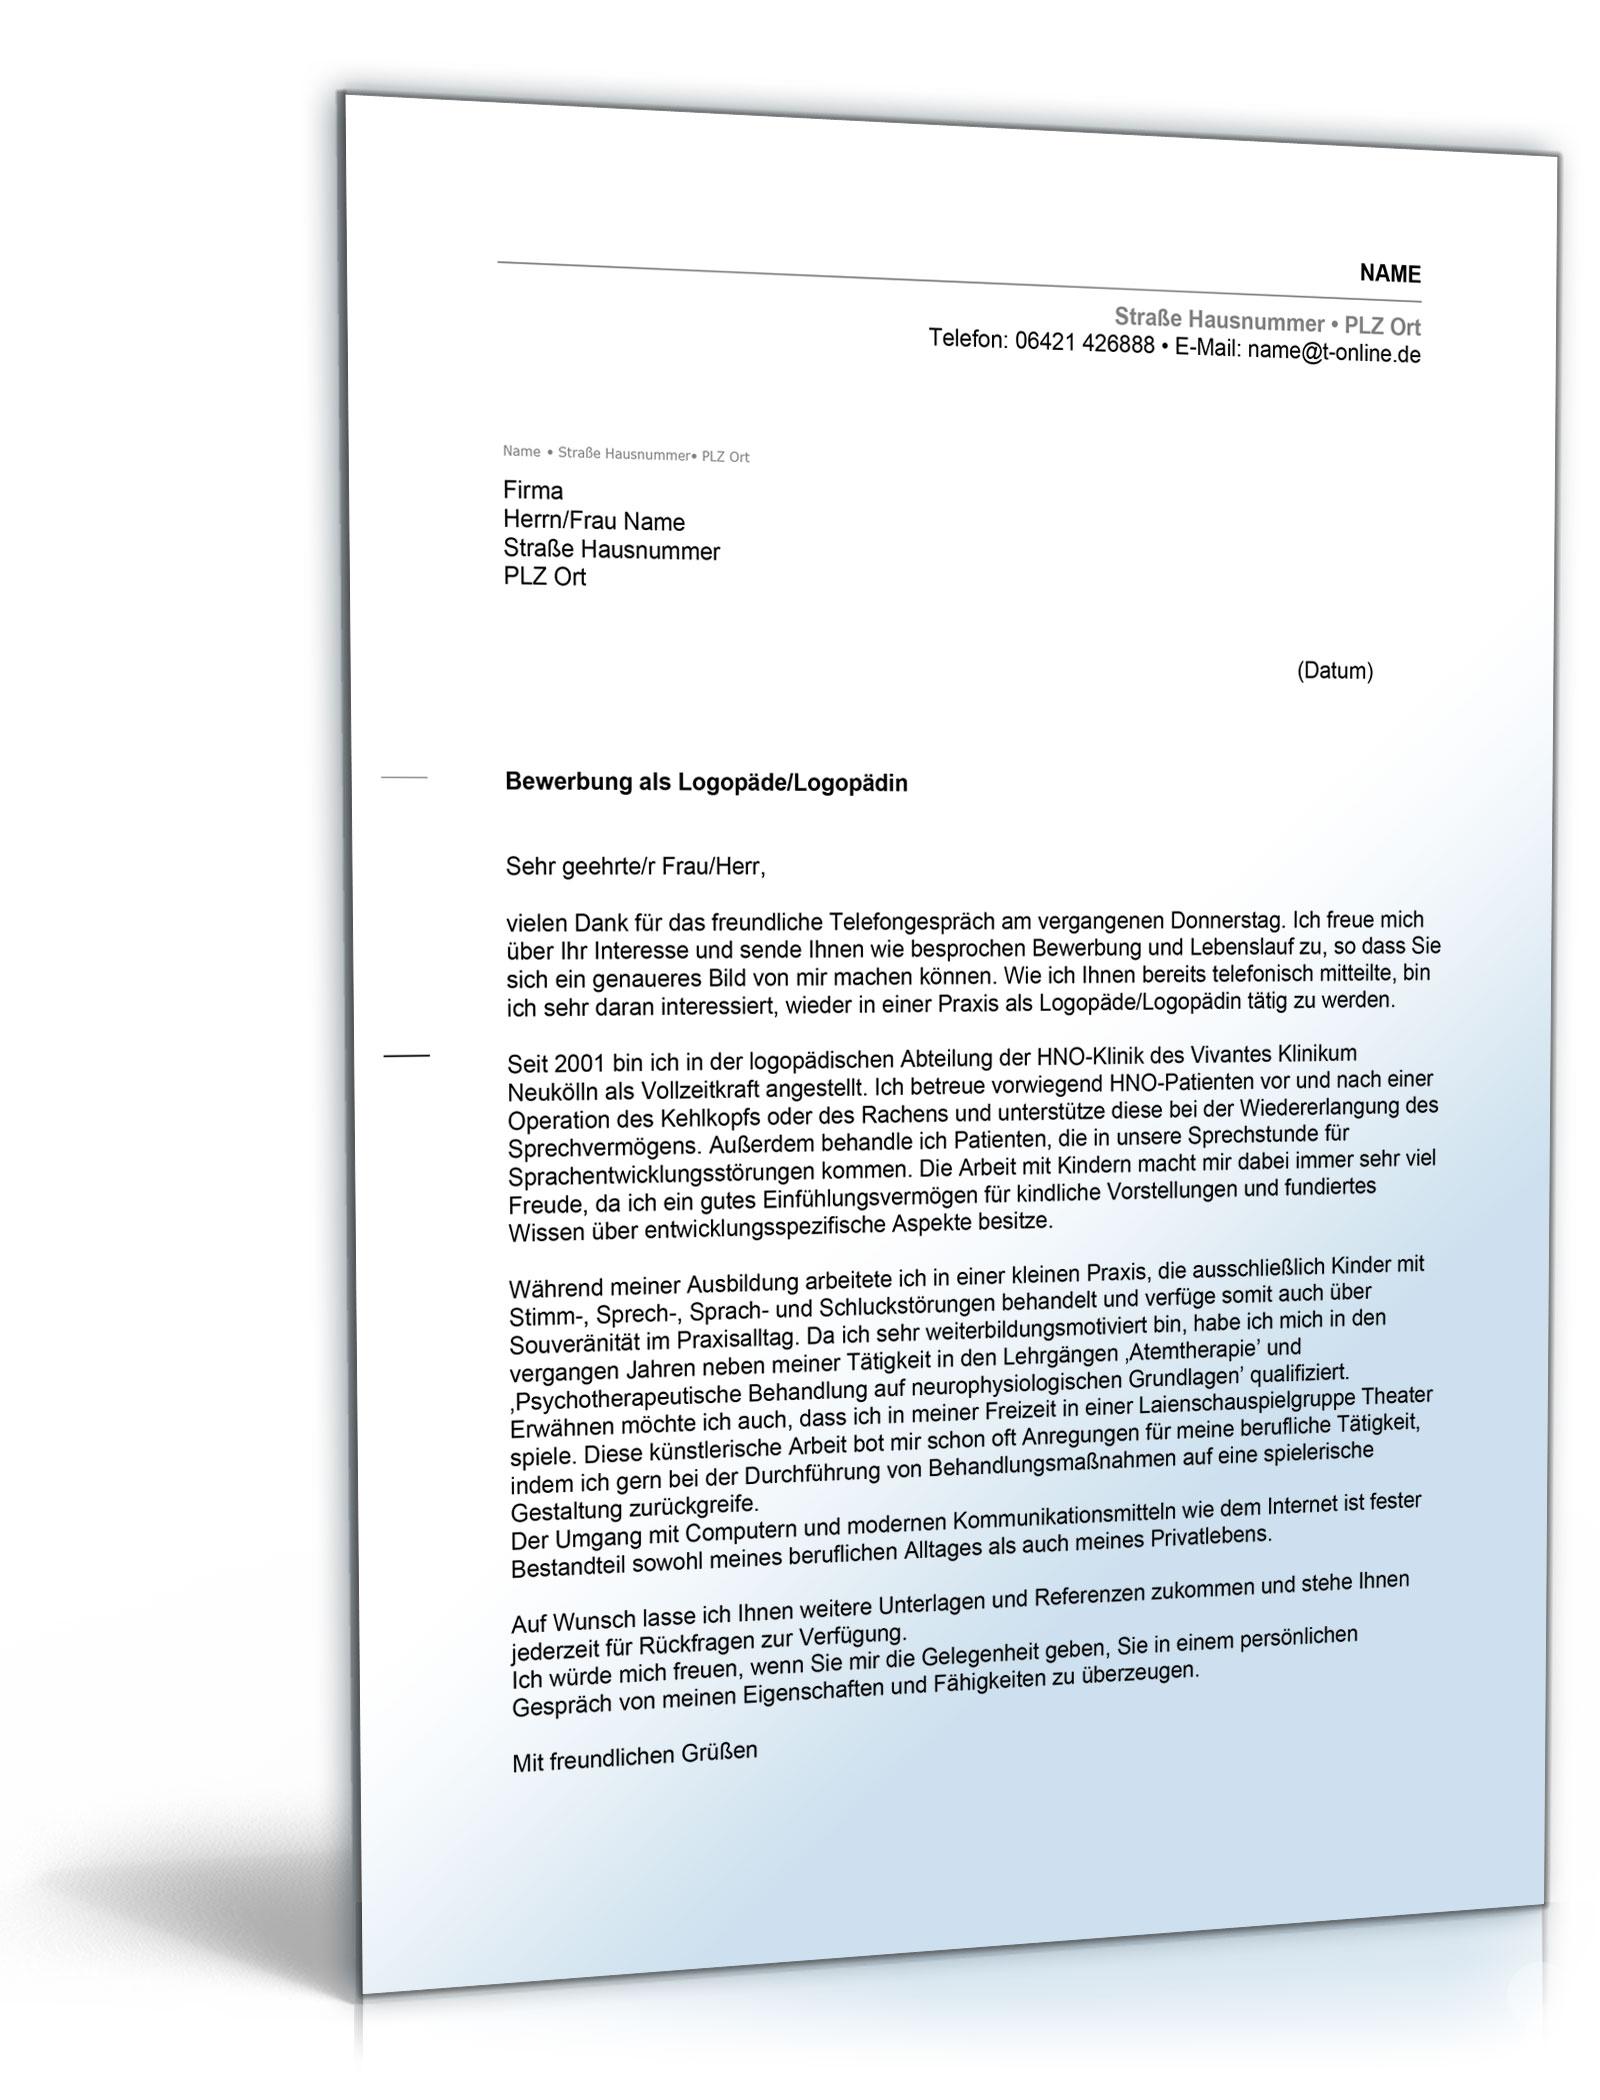 Anschreiben Bewerbung Logopäde [Word Dokument]: Amazon.de: Software